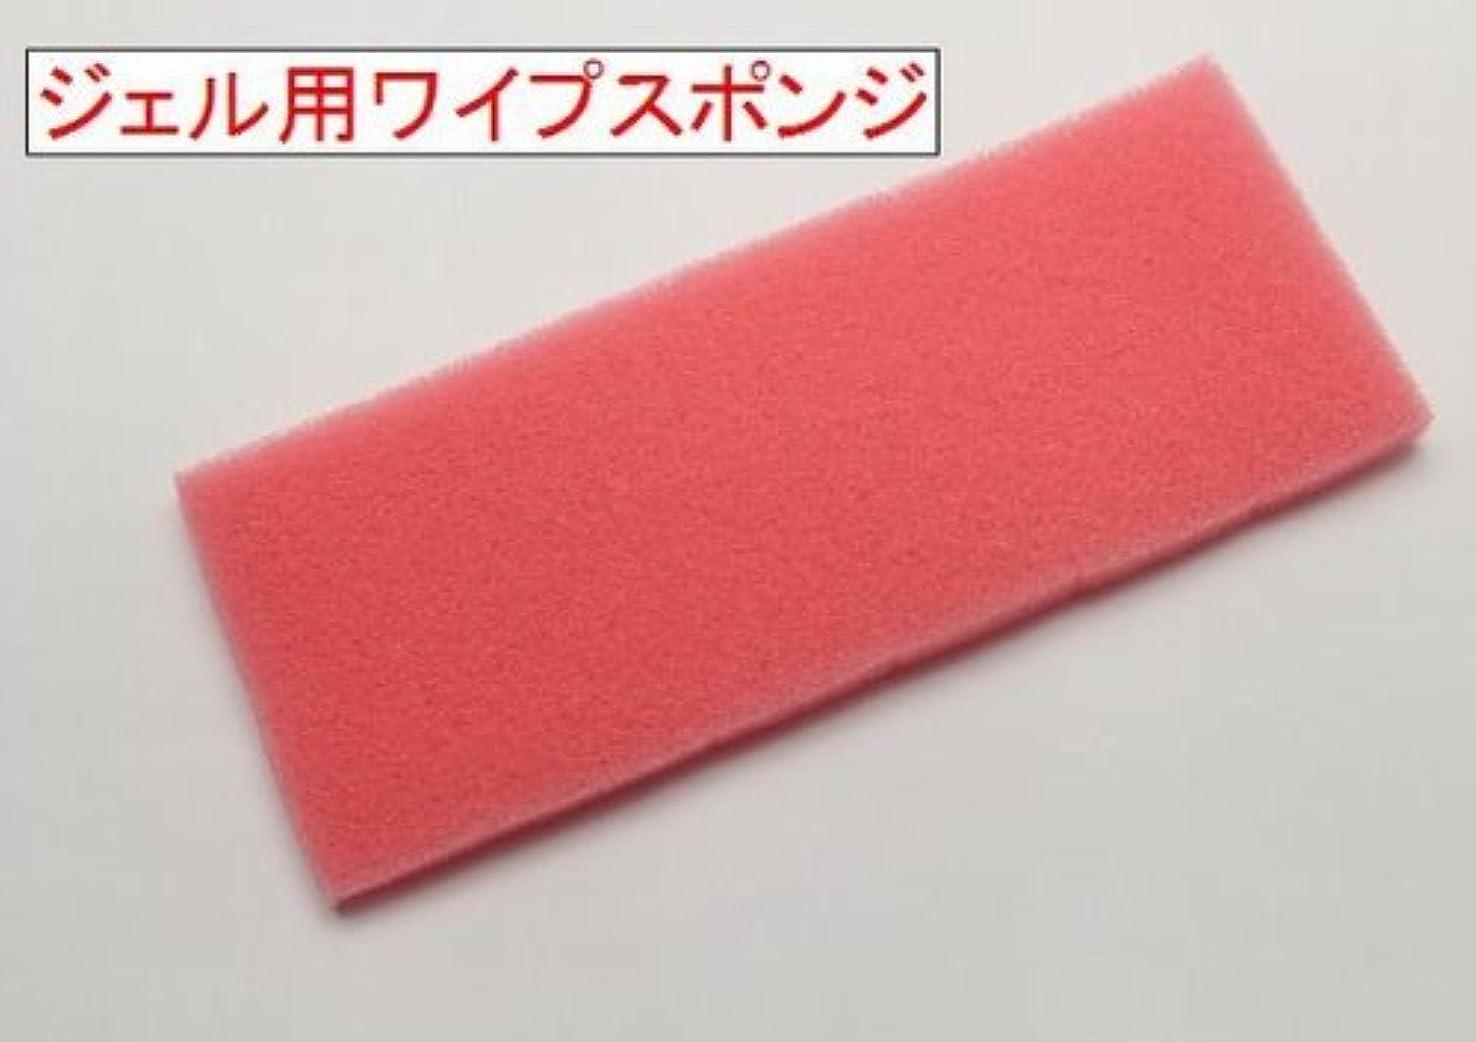 興味サーマルクライマックスジェル用ワイプスポンジ (2シート24枚)  最安値に挑戦?